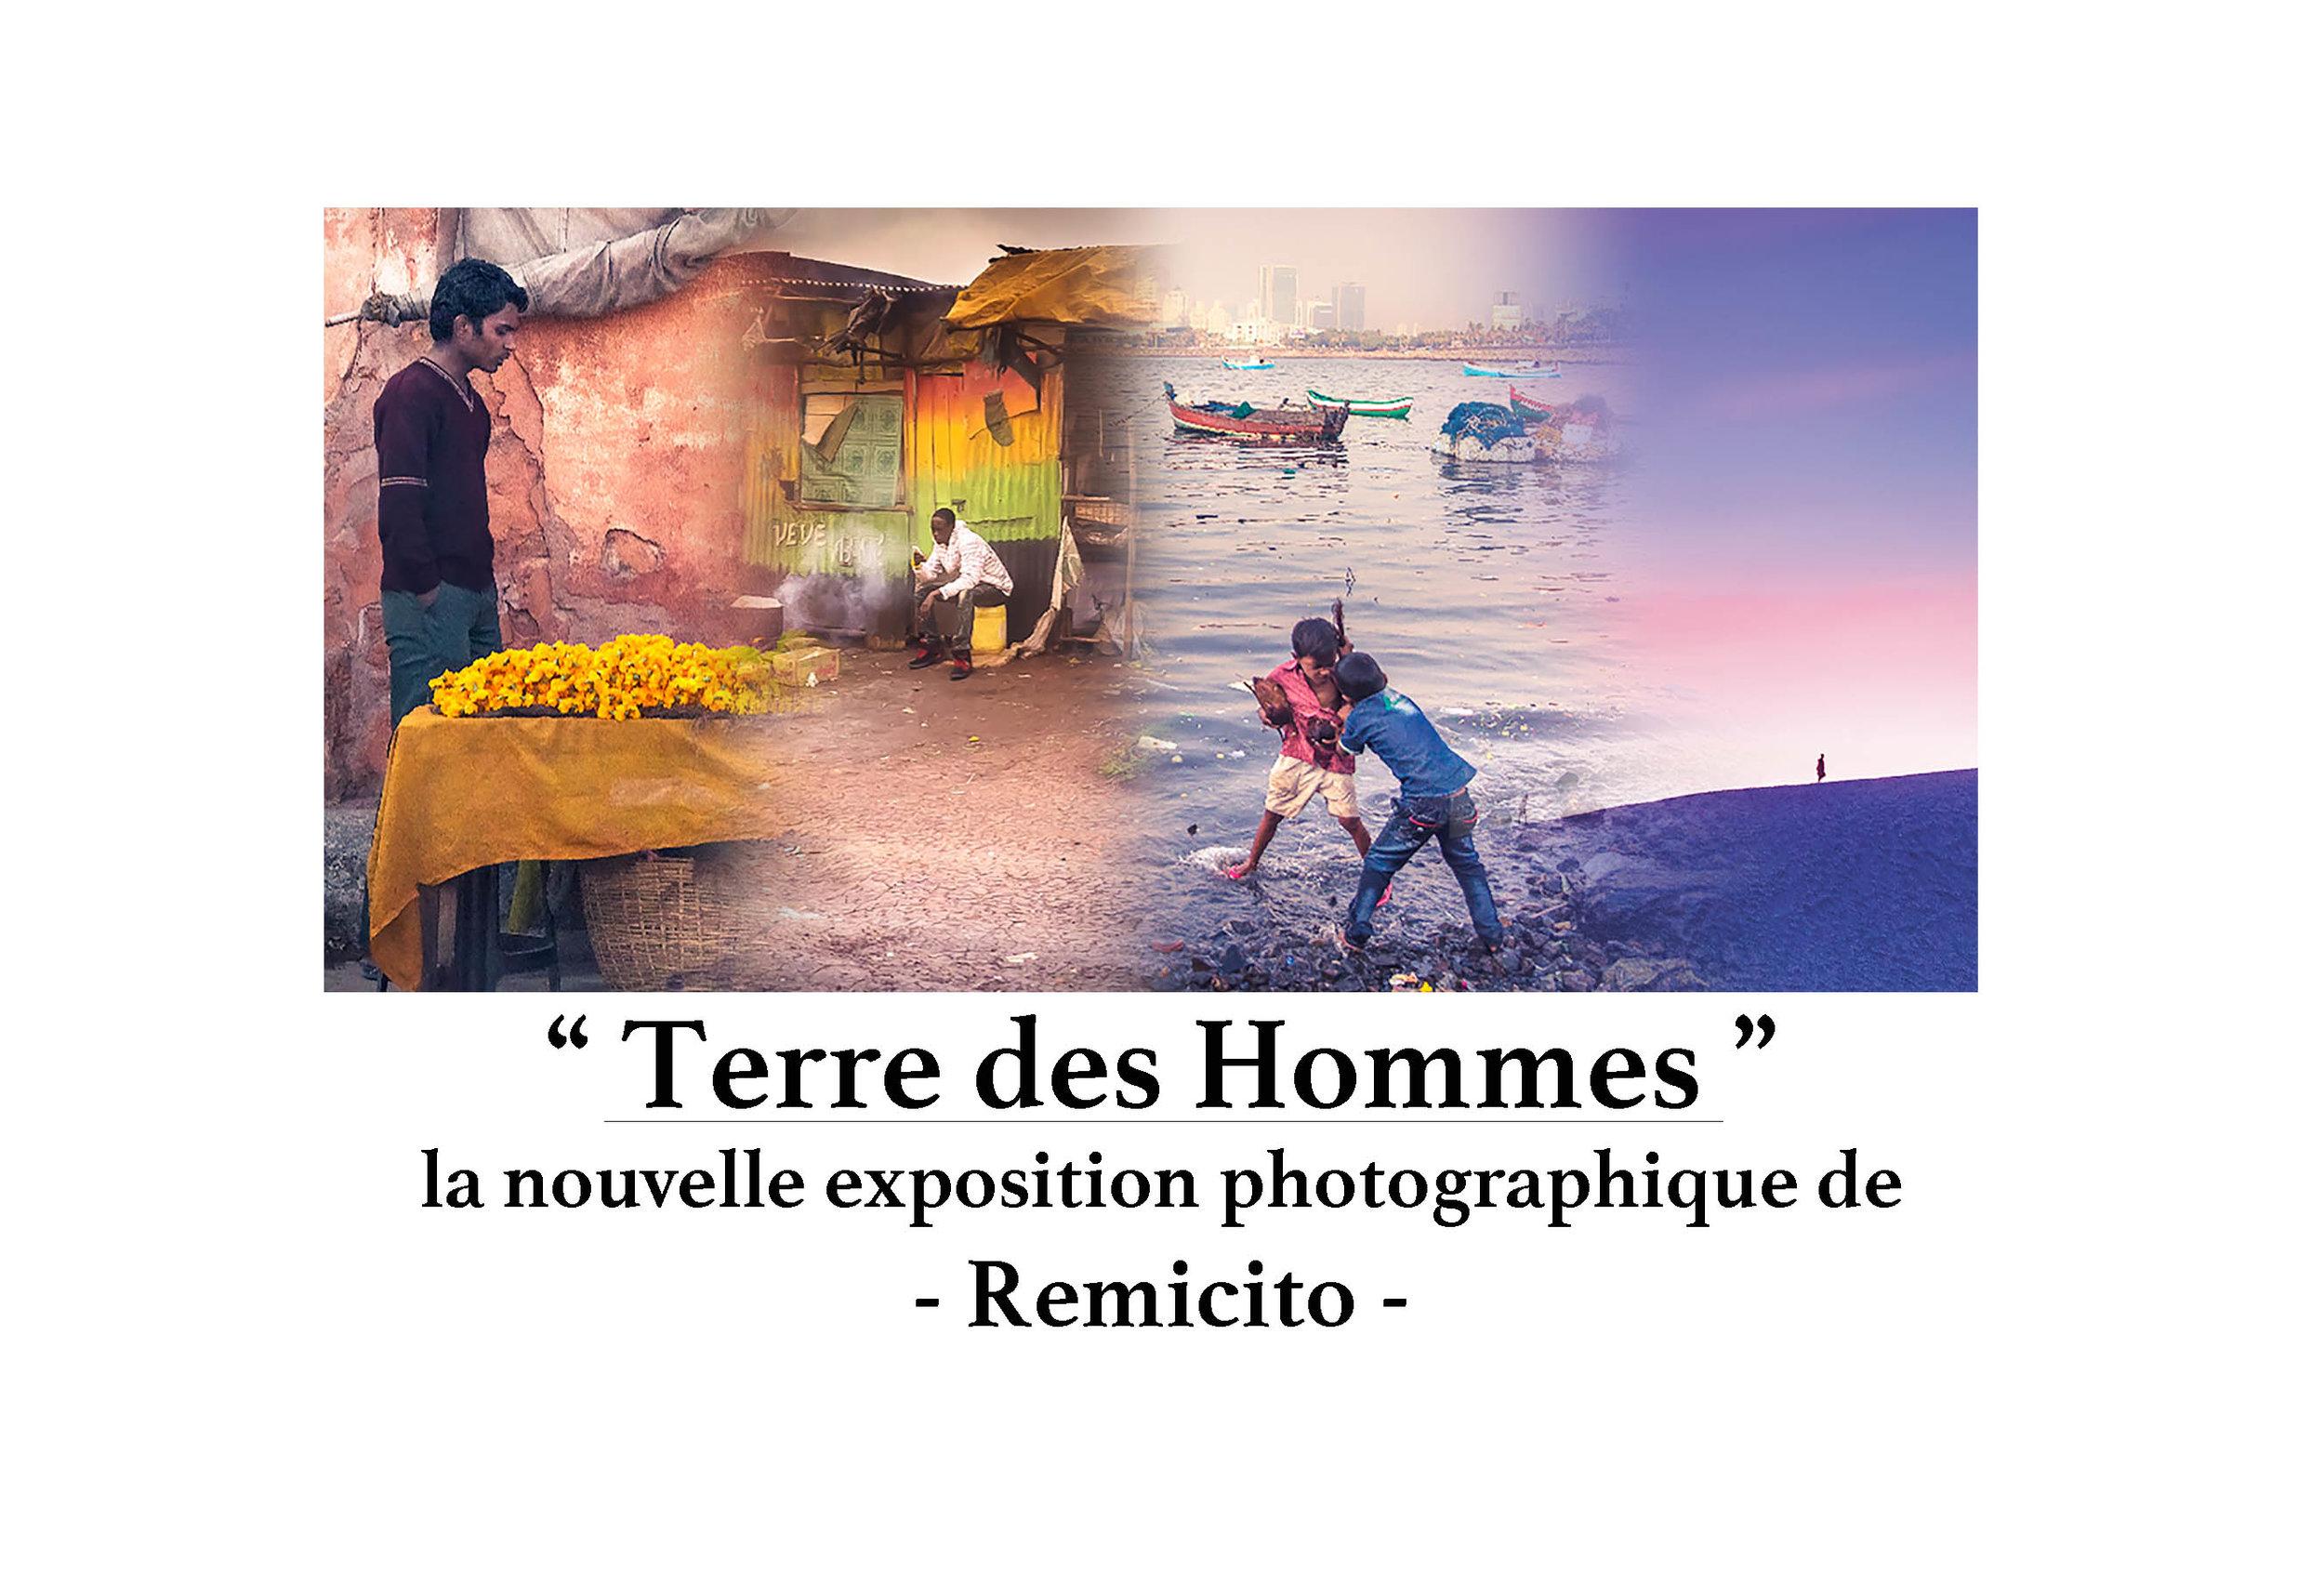 Image Terre des Hommes pour site 2, remicito photo